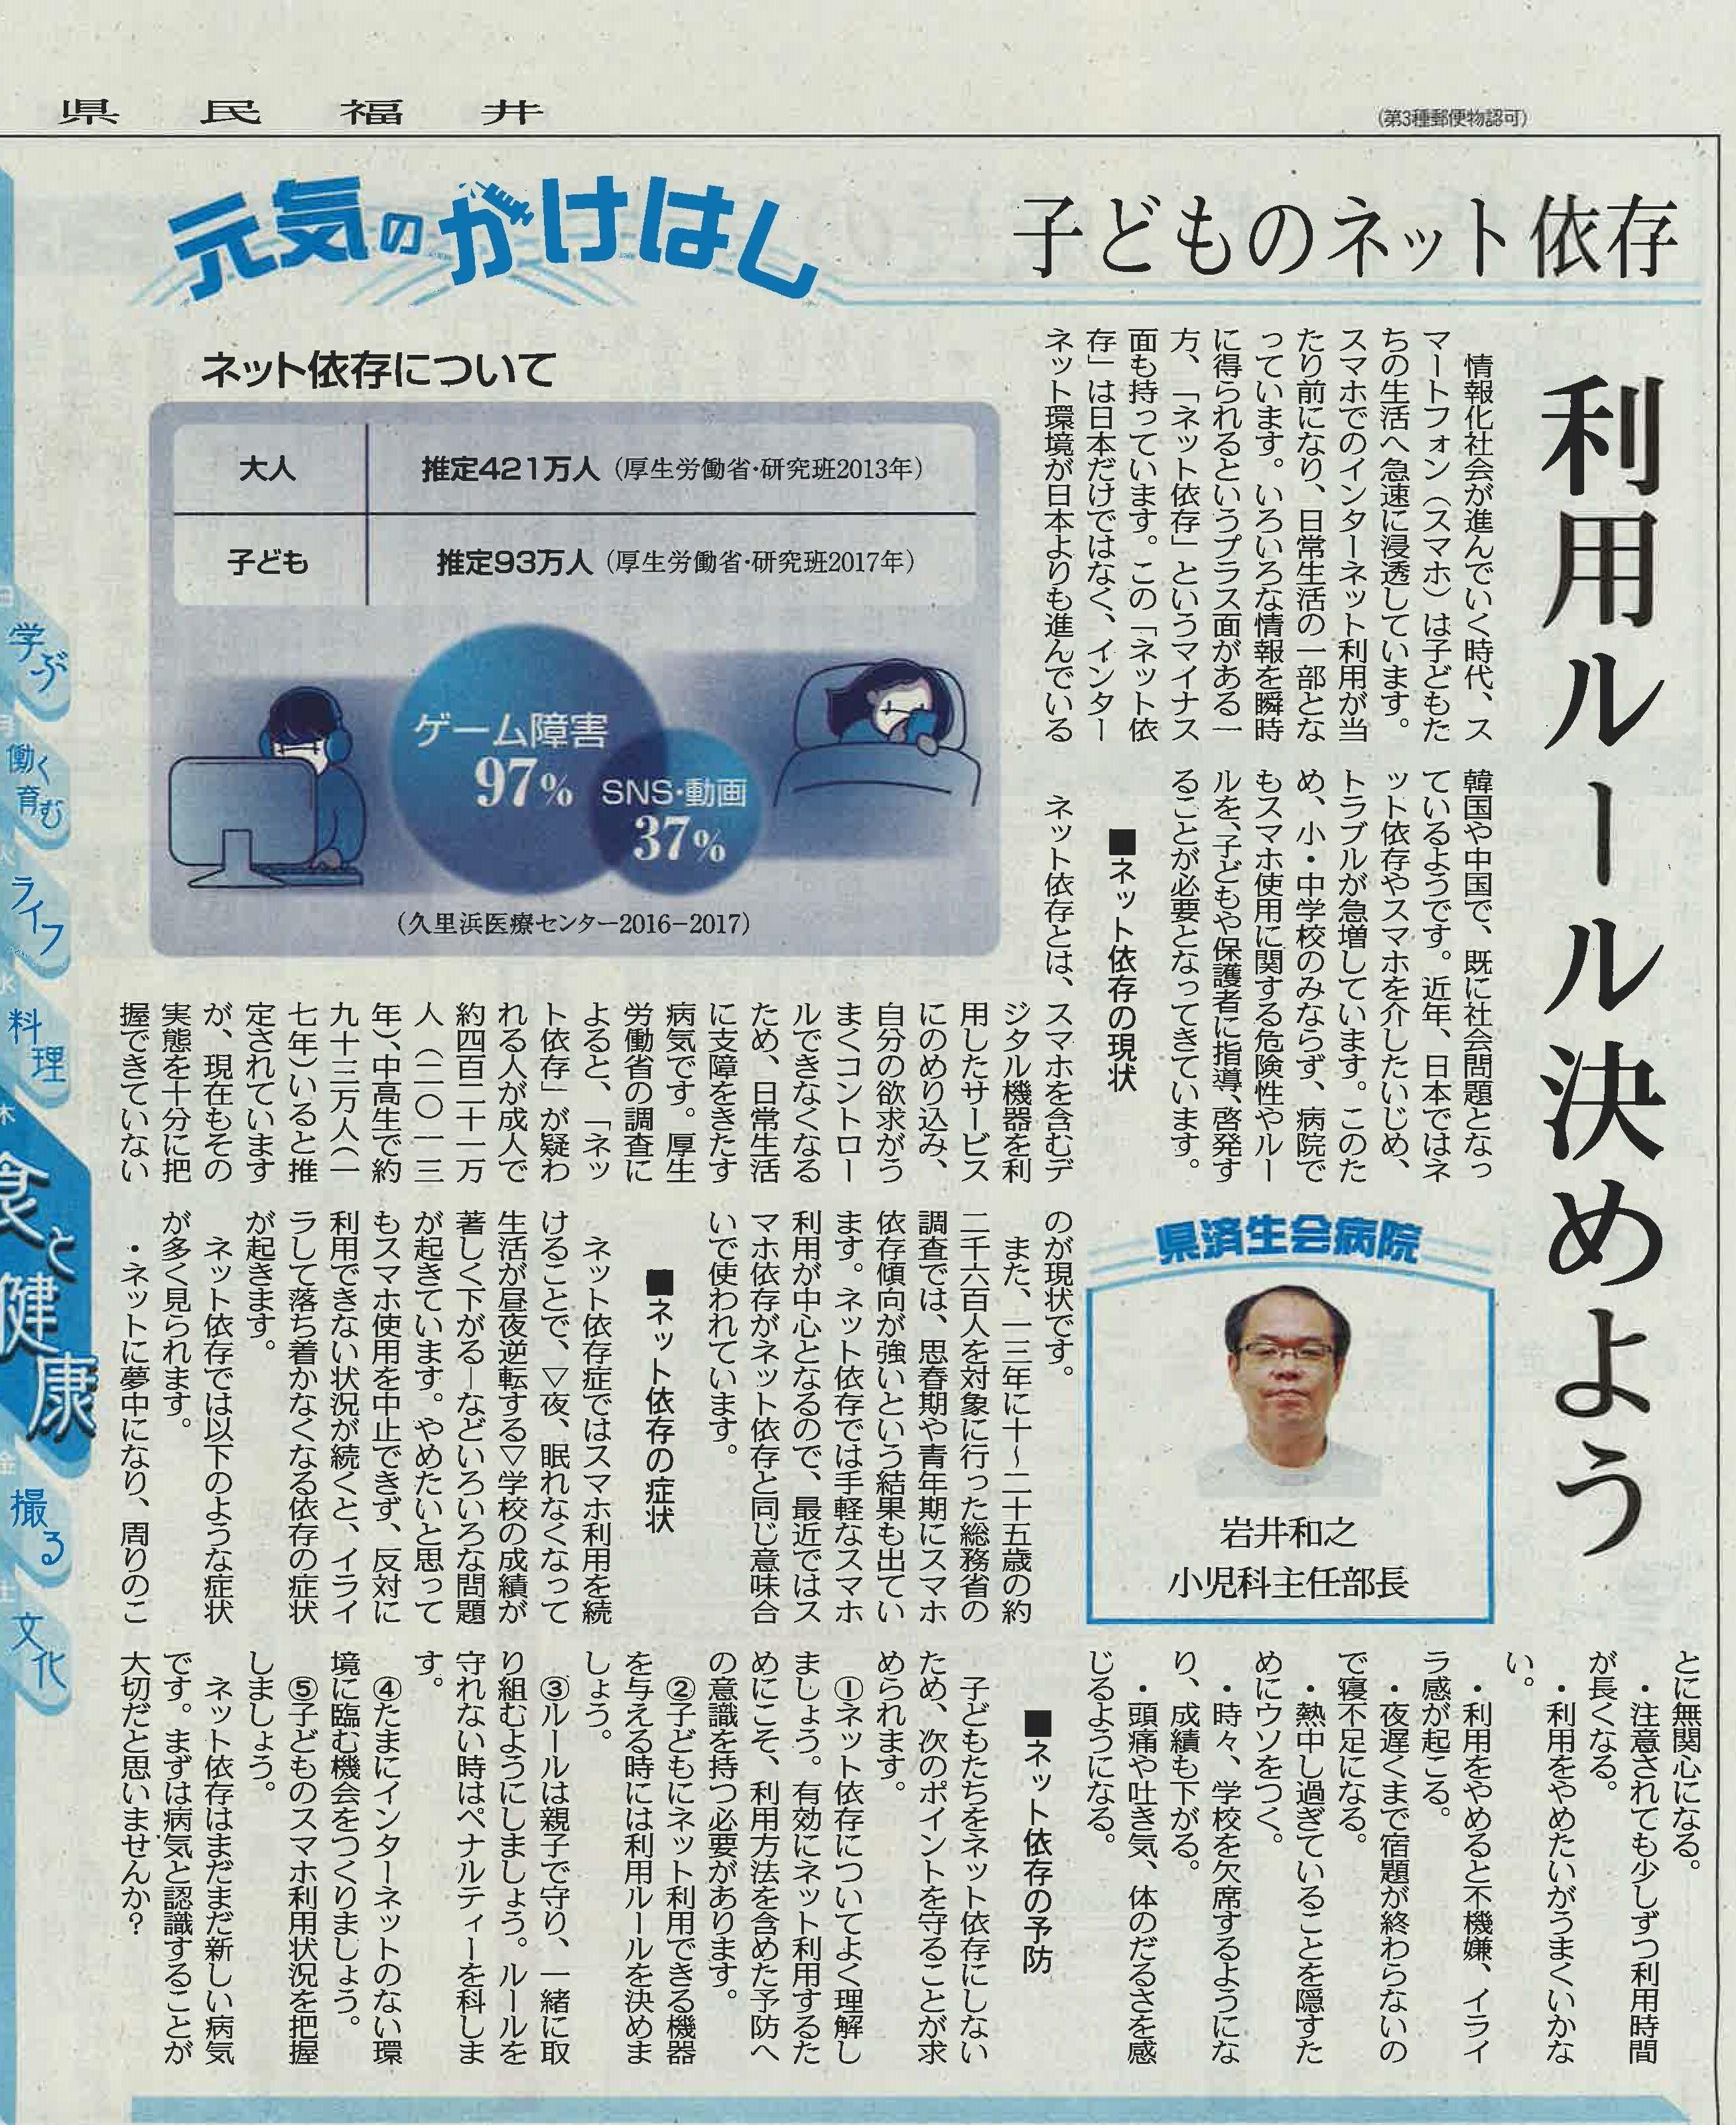 2020年1月30日 日刊県民福井